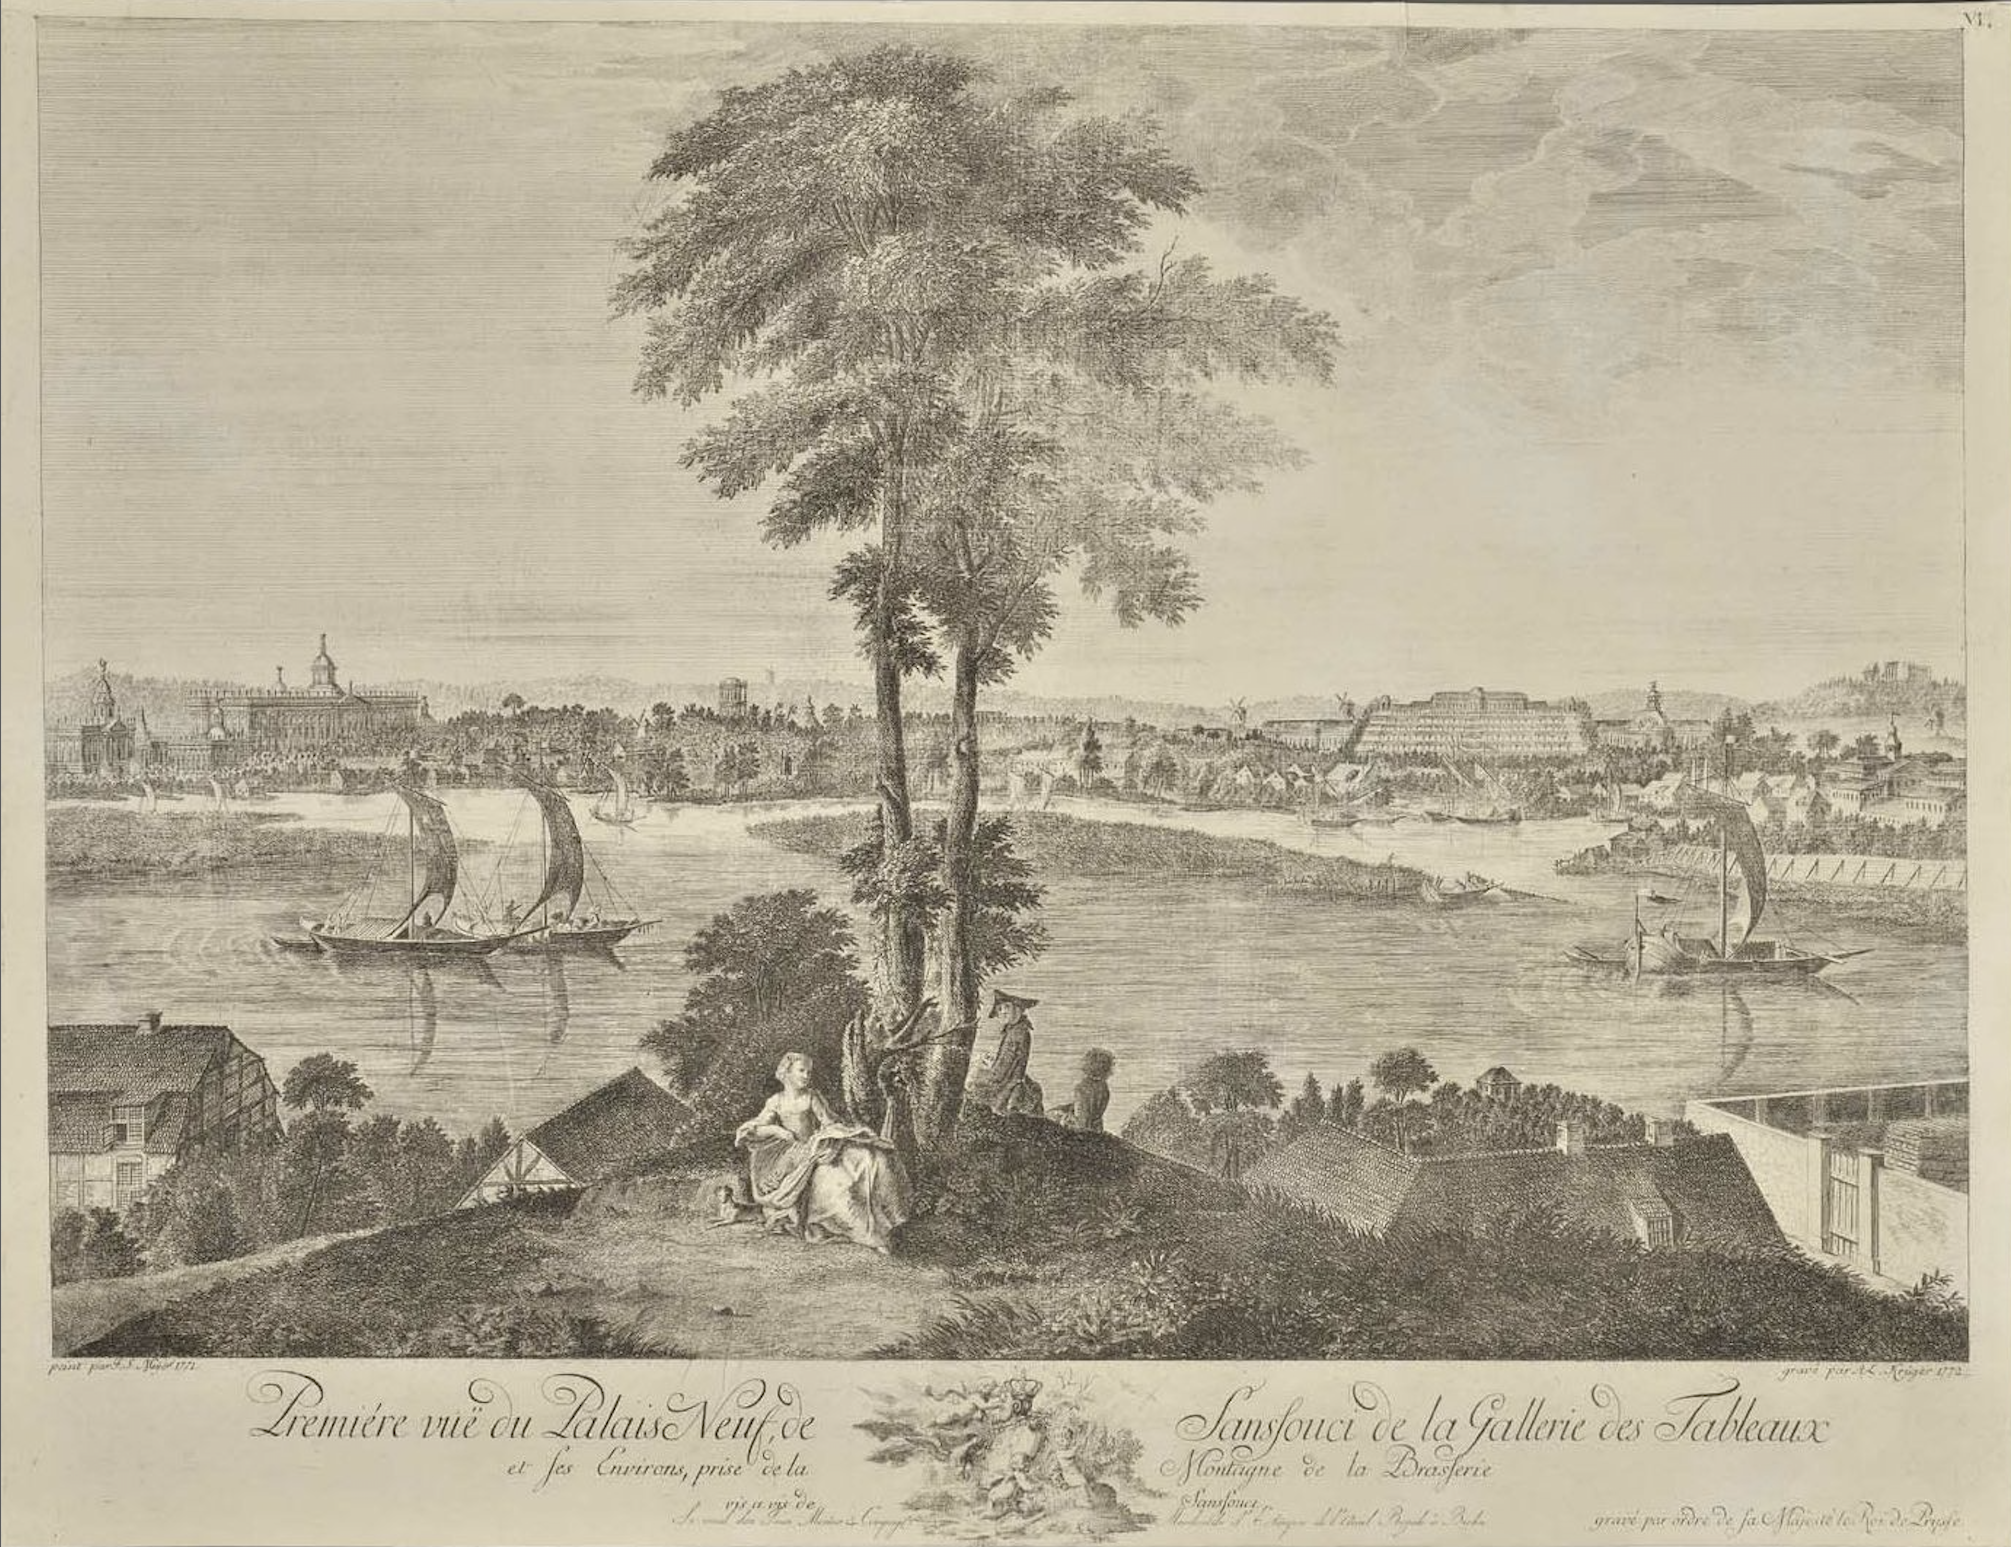 Le palais et le parc de Sans-souci, ou Sanssouci, à Potsdam  200726021019627210